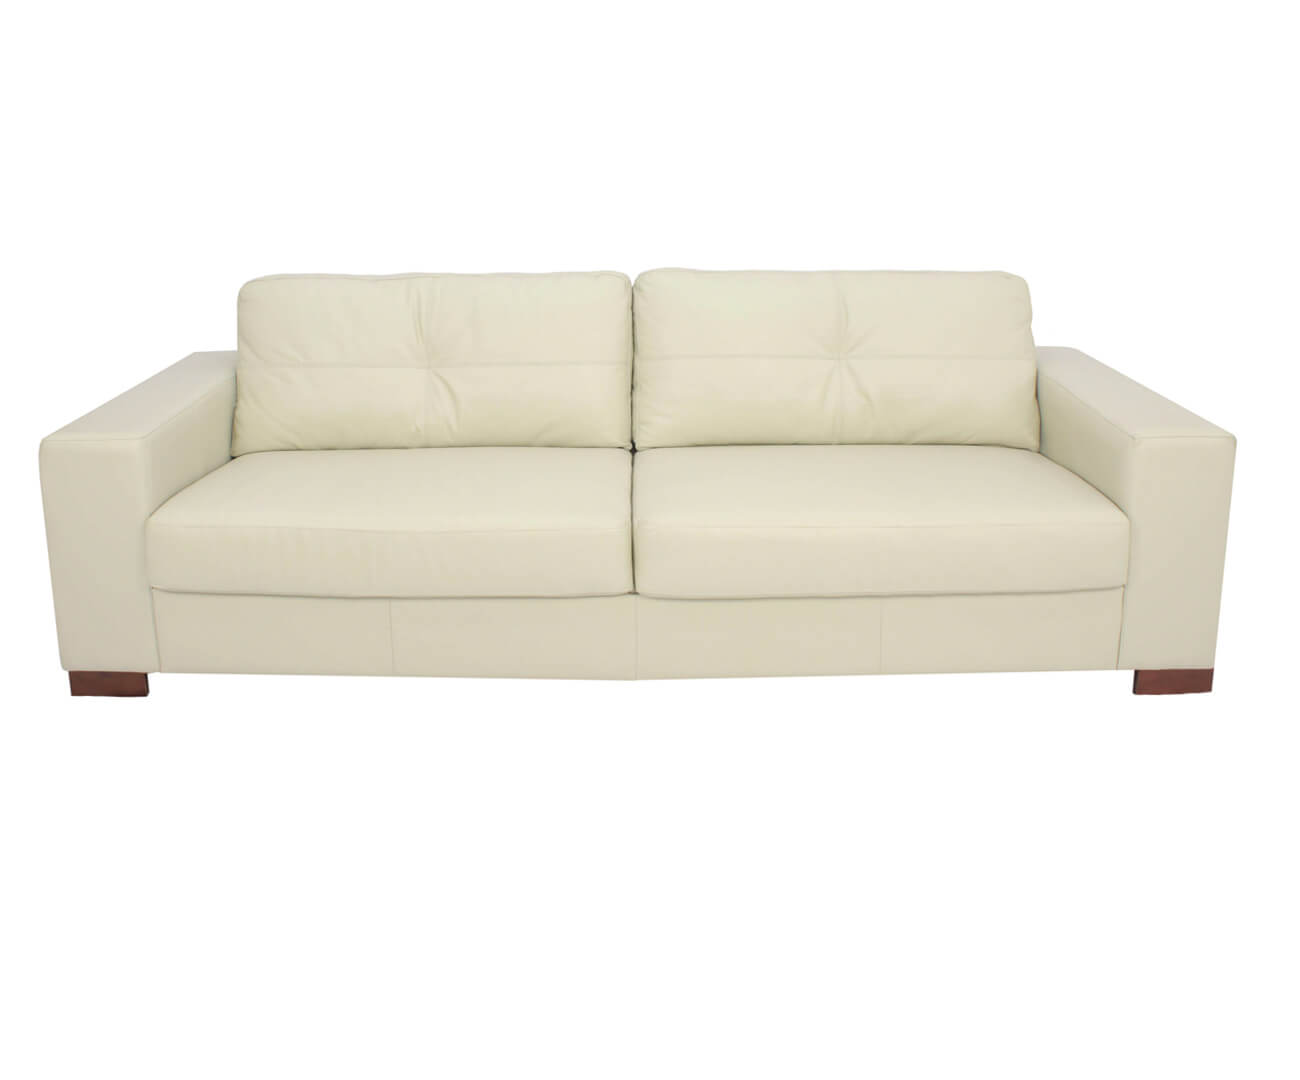 sofá 3 lugares em couro natural milão 0203